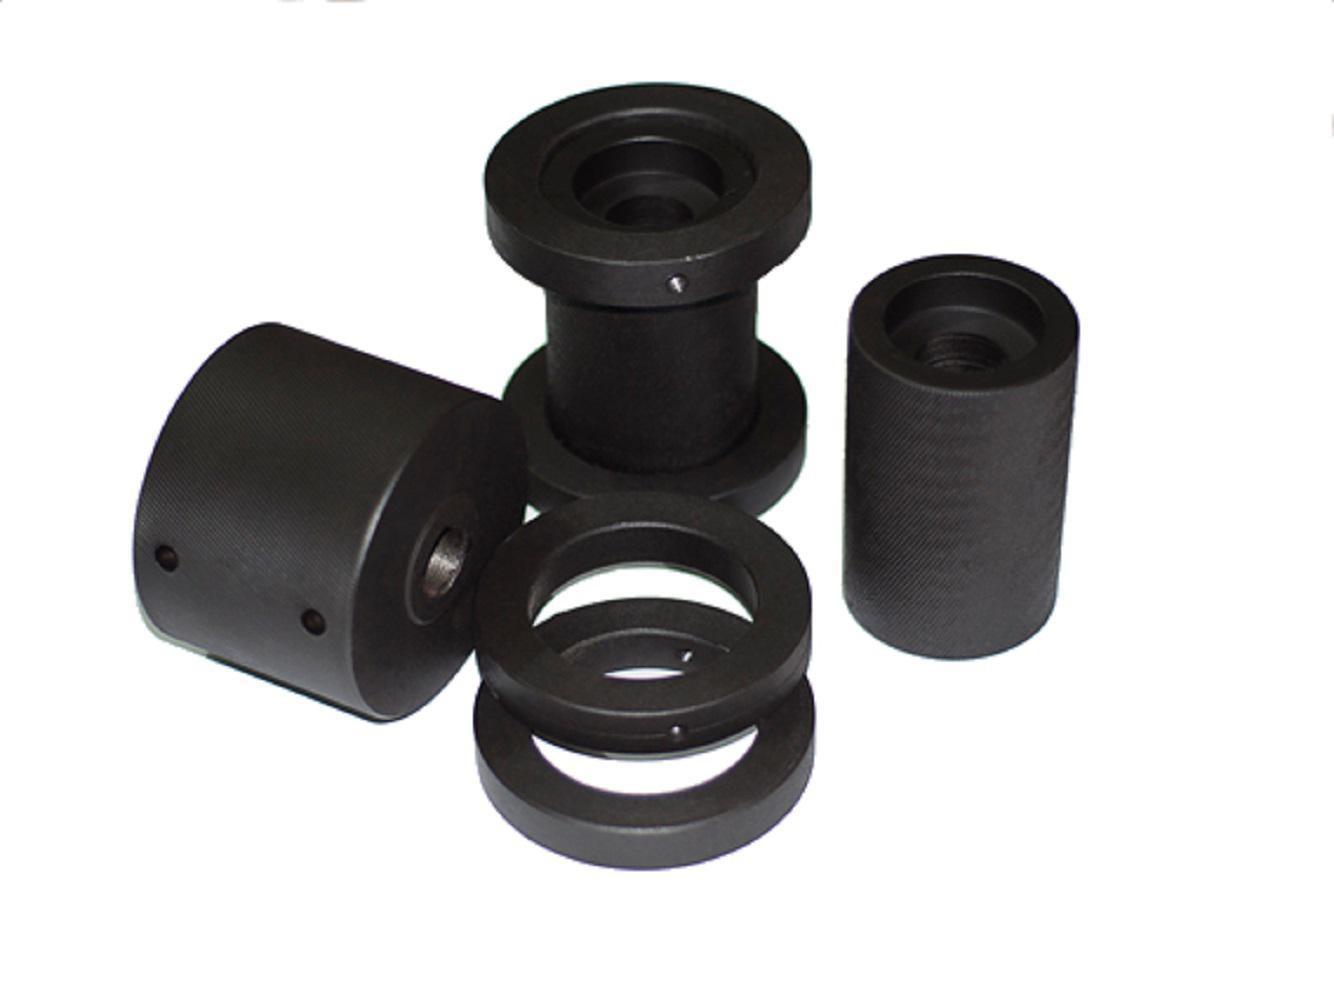 Фото - Ролик Stalex 100944 набор роликов для профильной трубы 25 50 мм для трубогибов серии hb stalex 100942